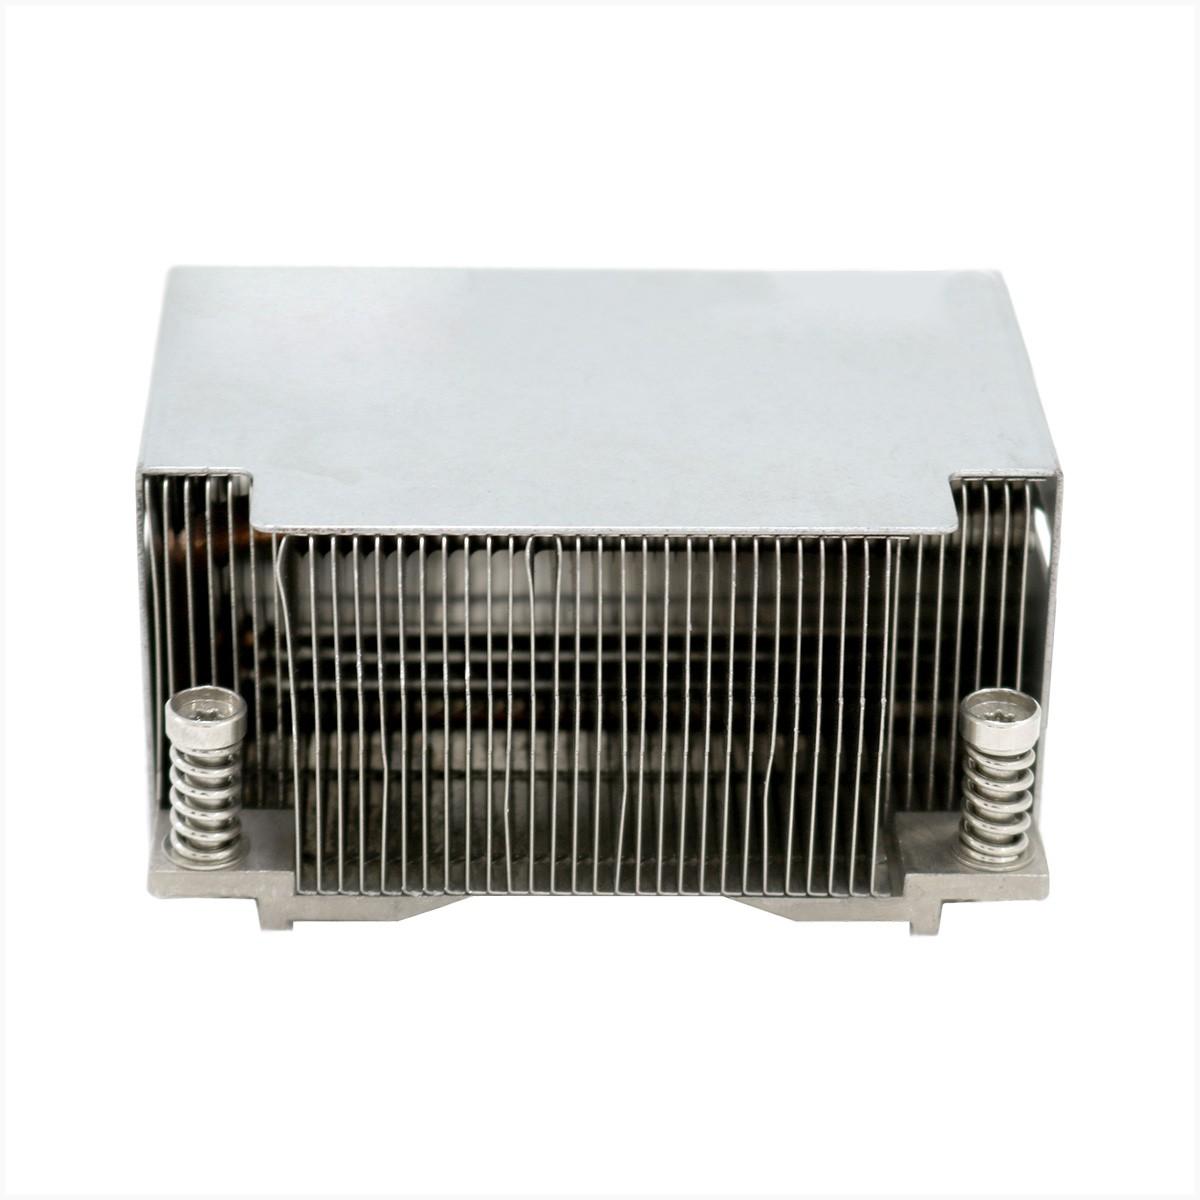 Dissipador para servidores hp dl380e g8 665096-001 -  usado